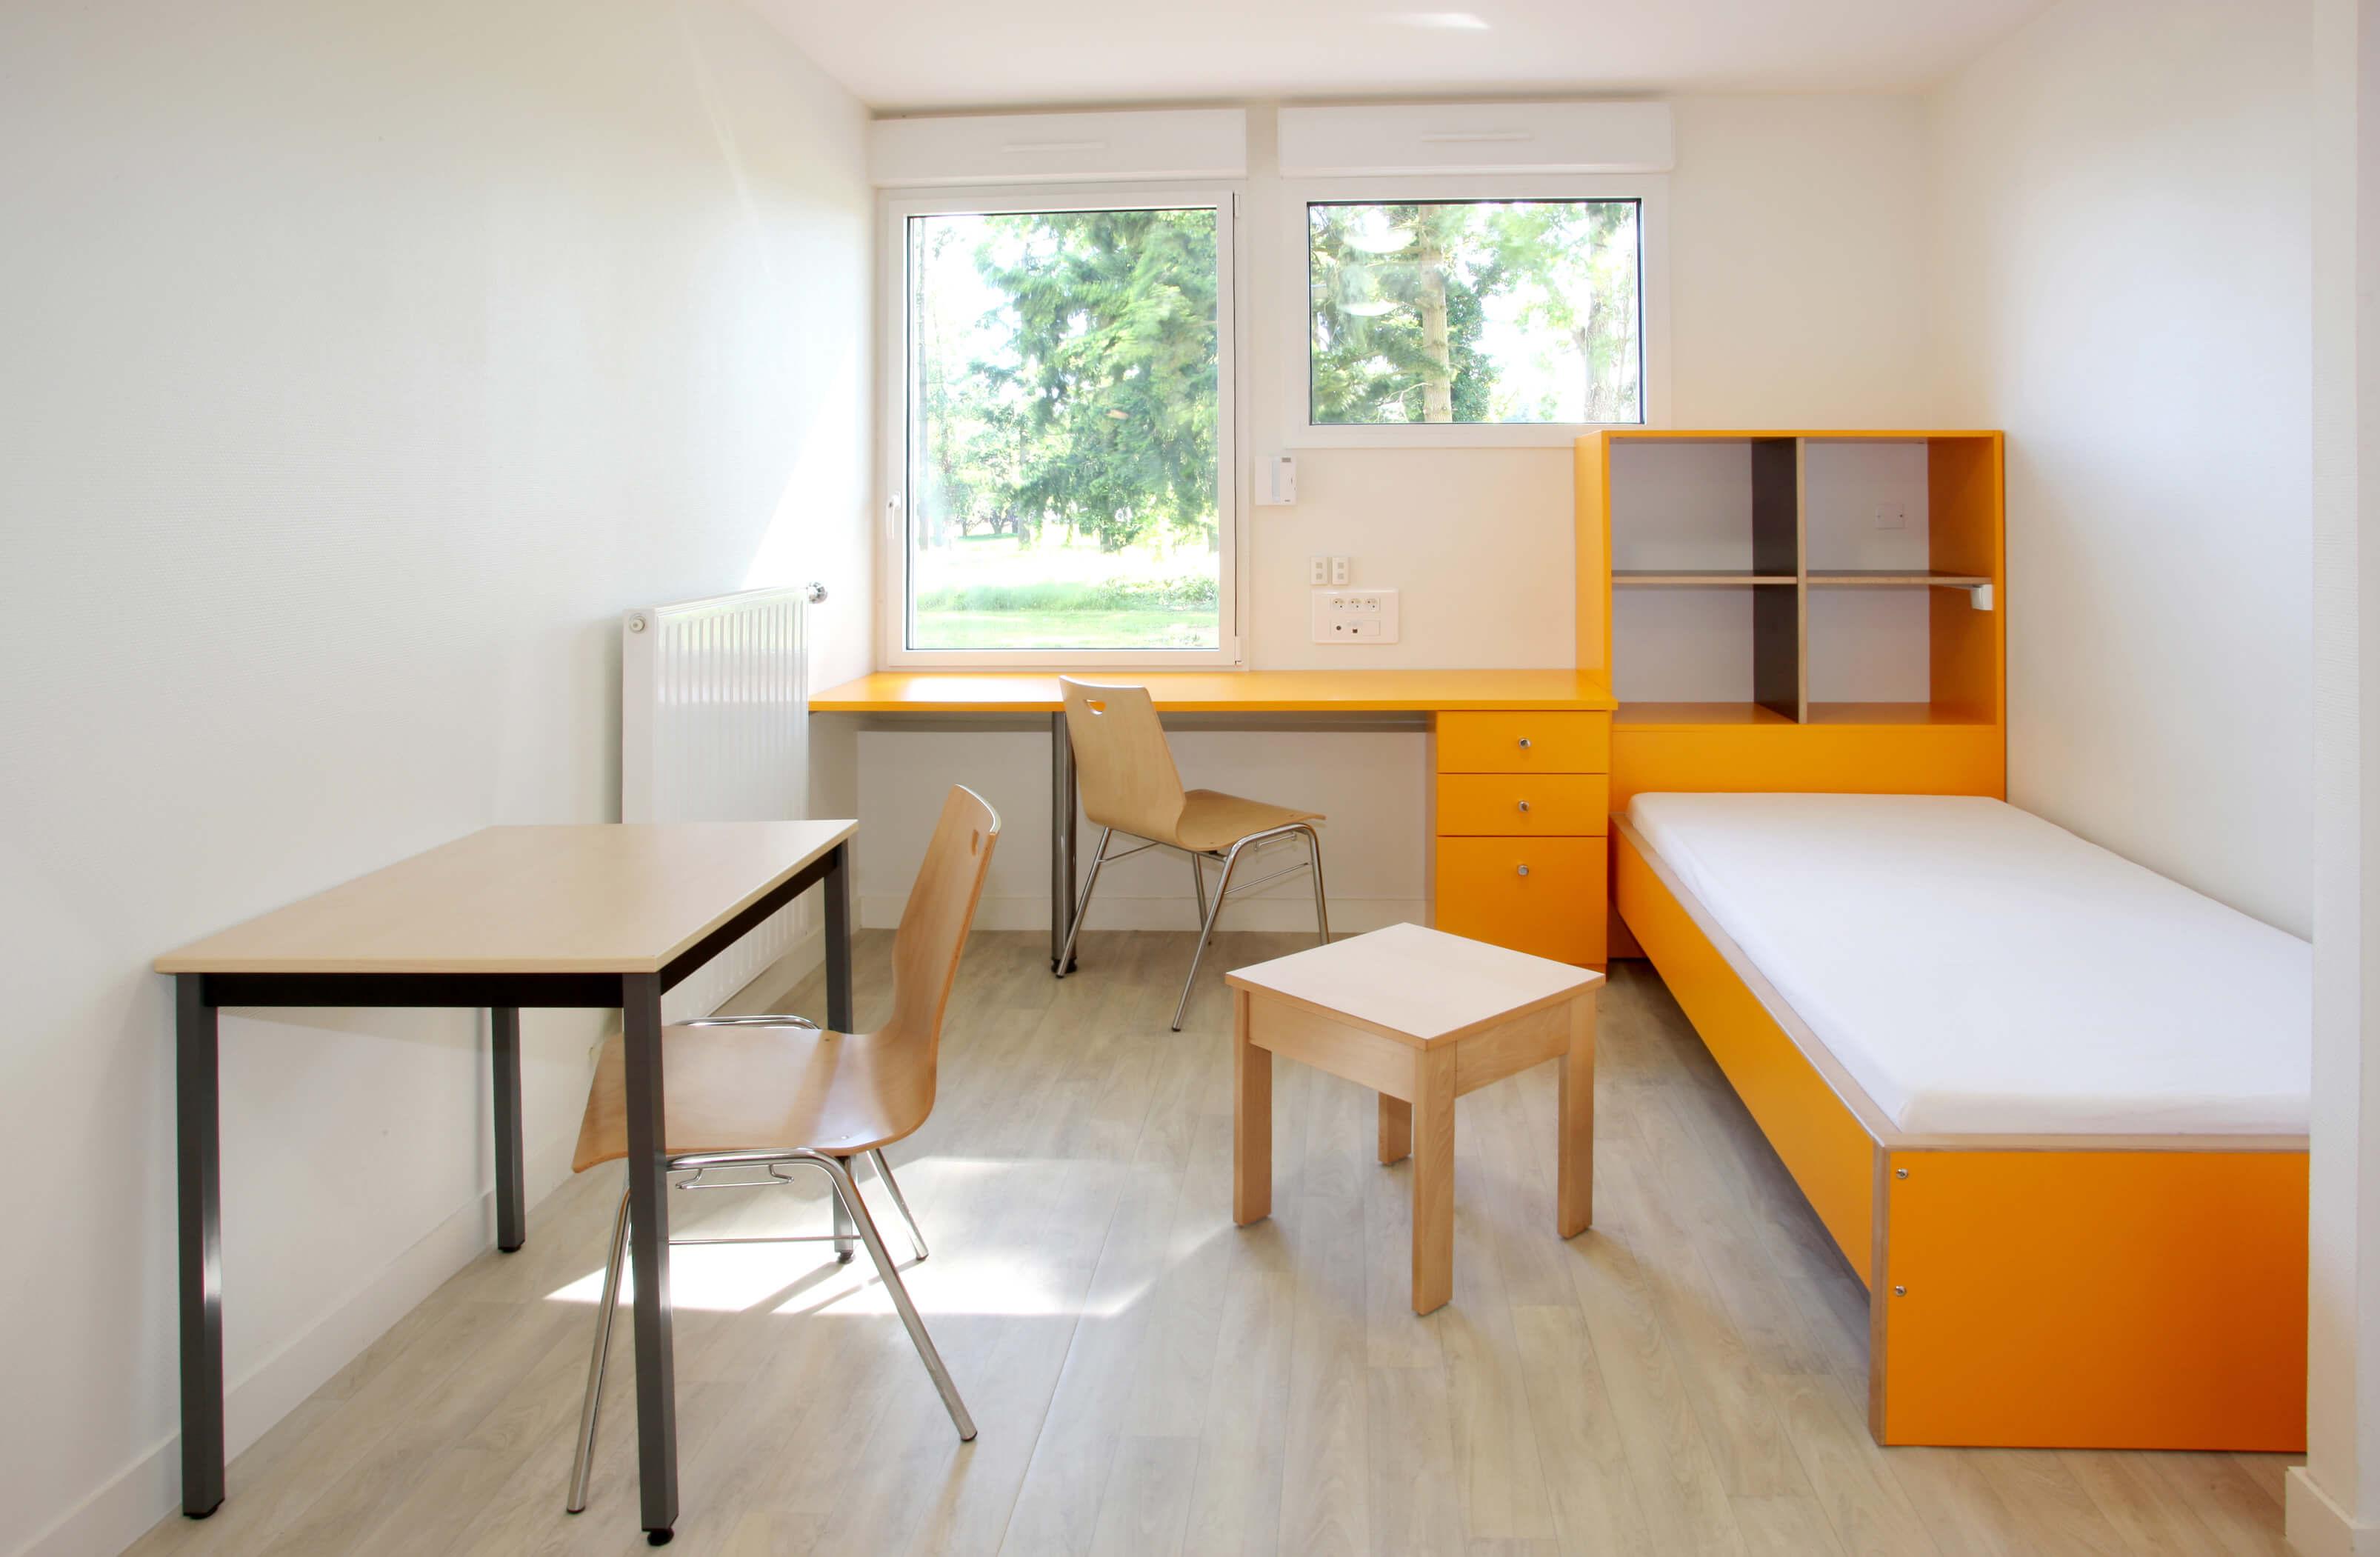 Mobilier d'agencement – Chambre universitaire